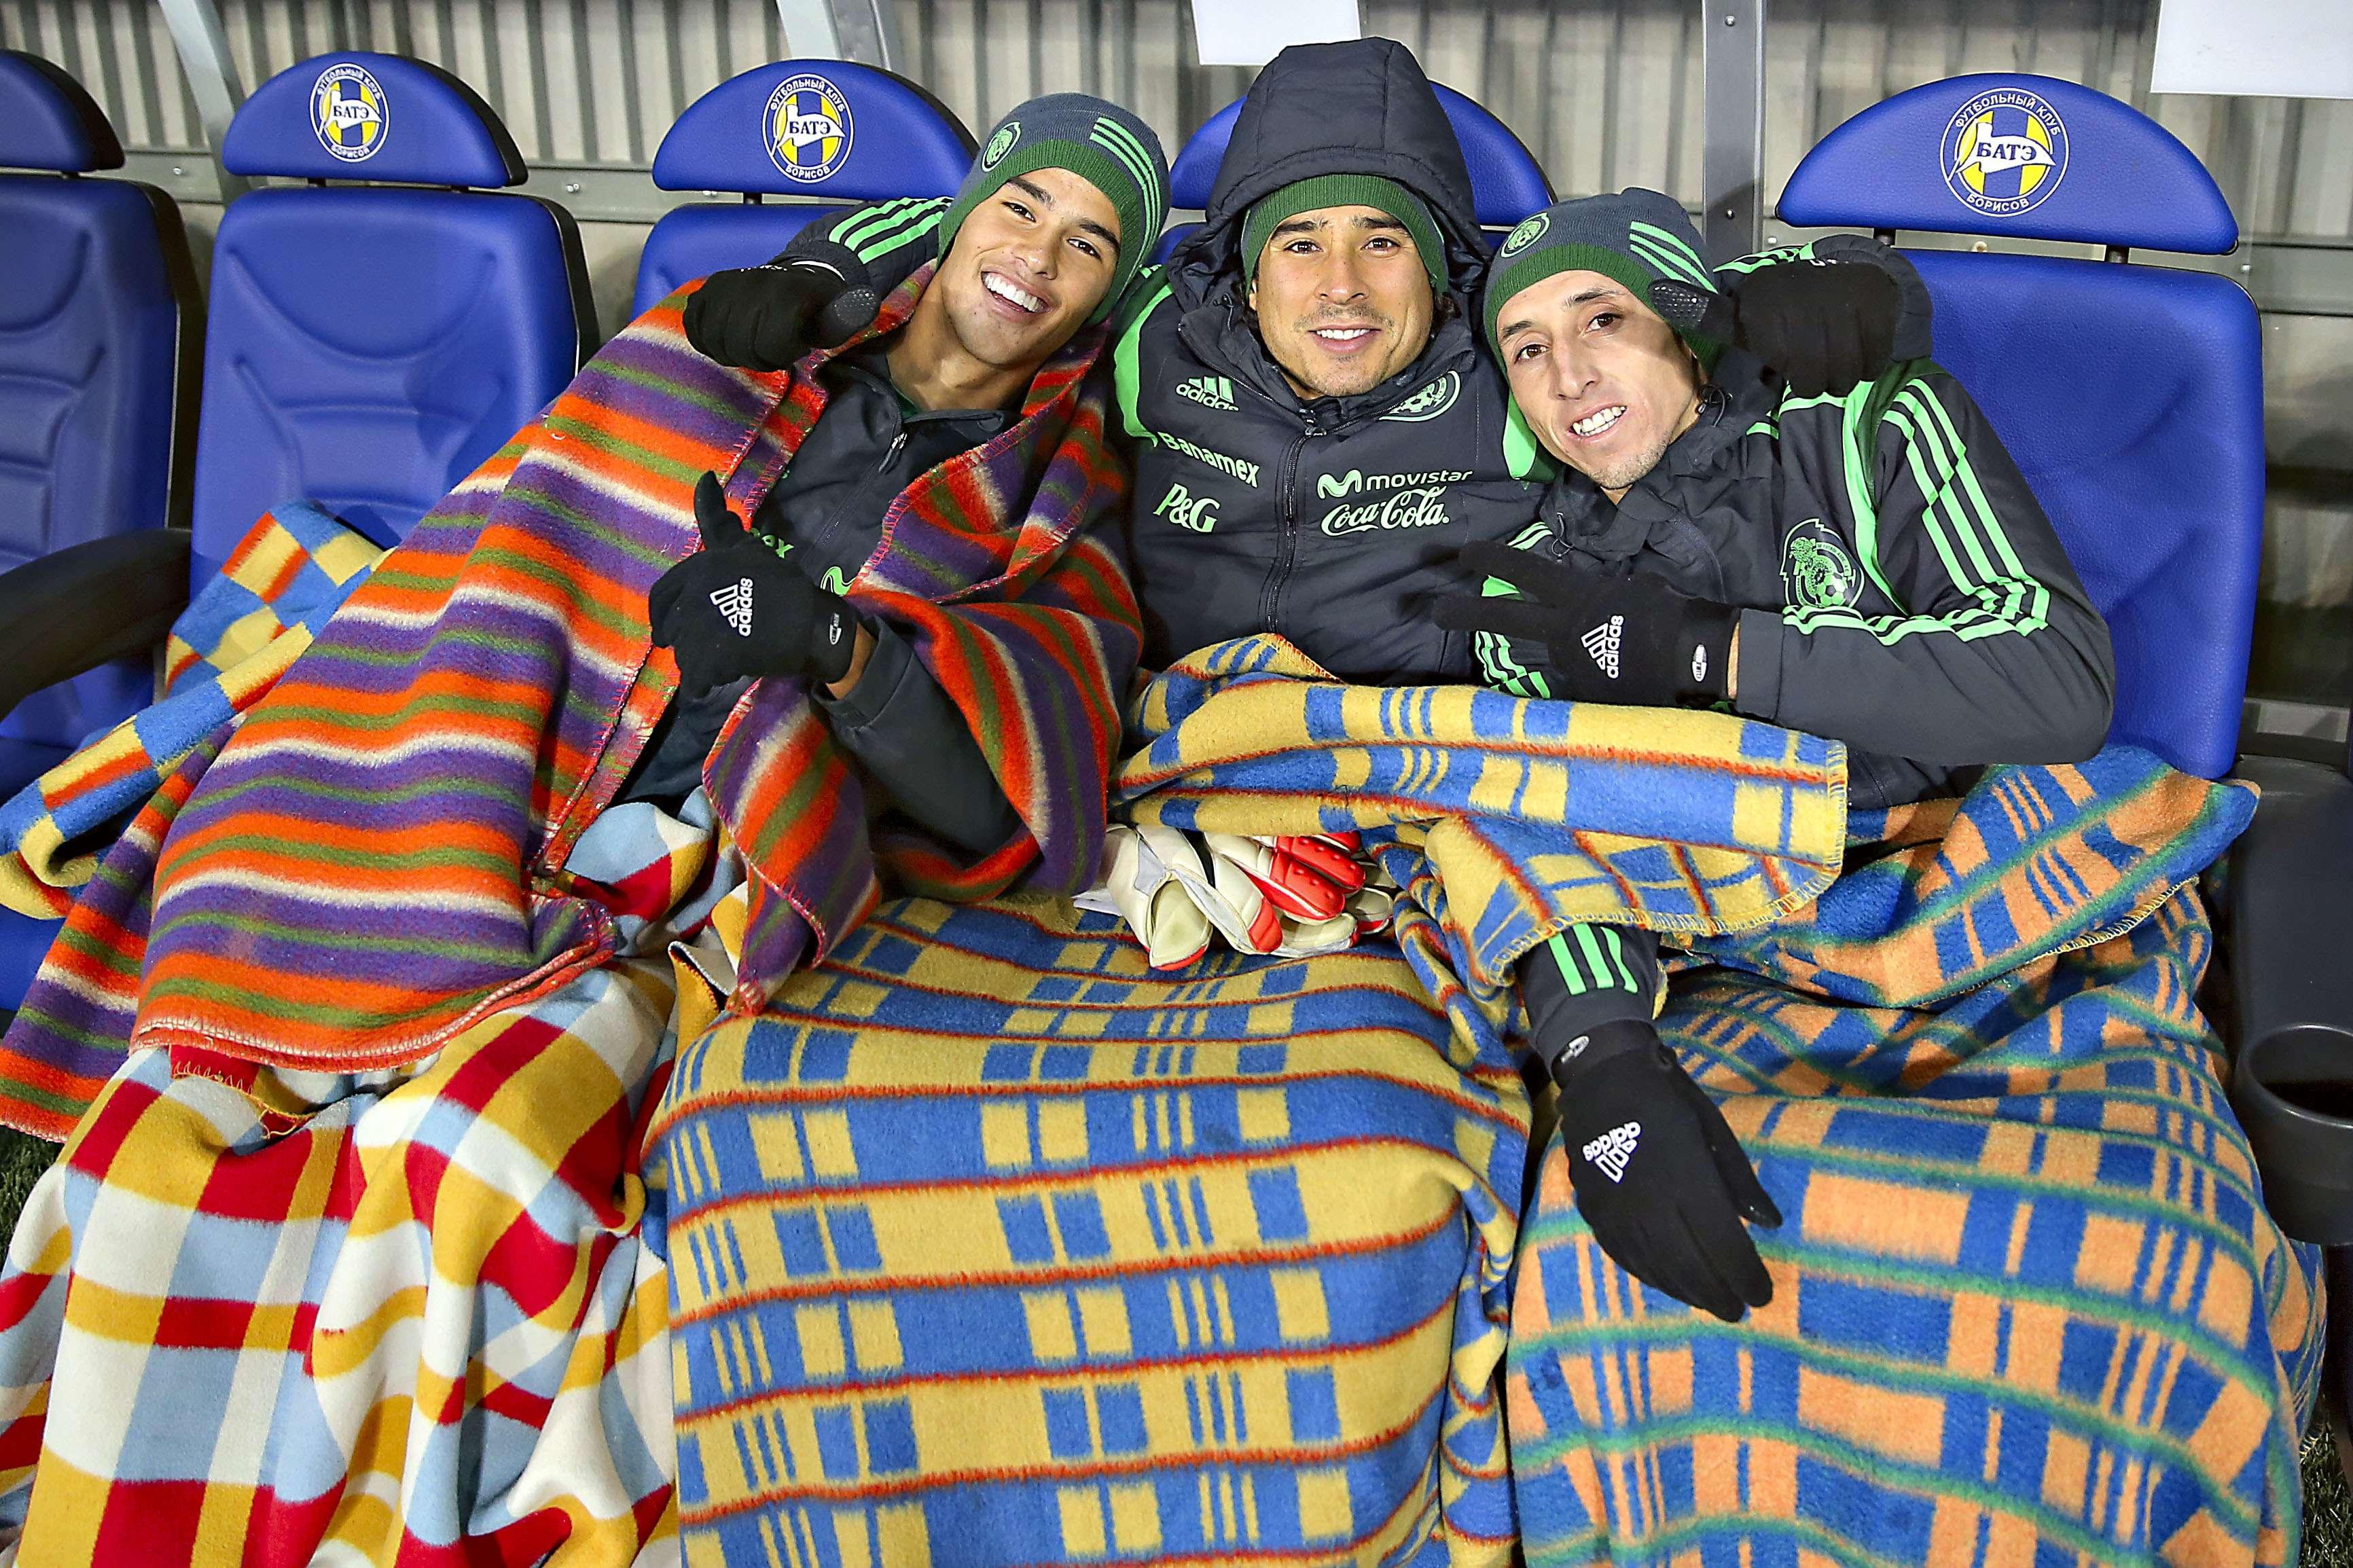 Diego Reyes, Guillermo Ochoa y Héctor Herrera sufren con el frío la visita de México ante Bielorrusia. Foto: Imago7